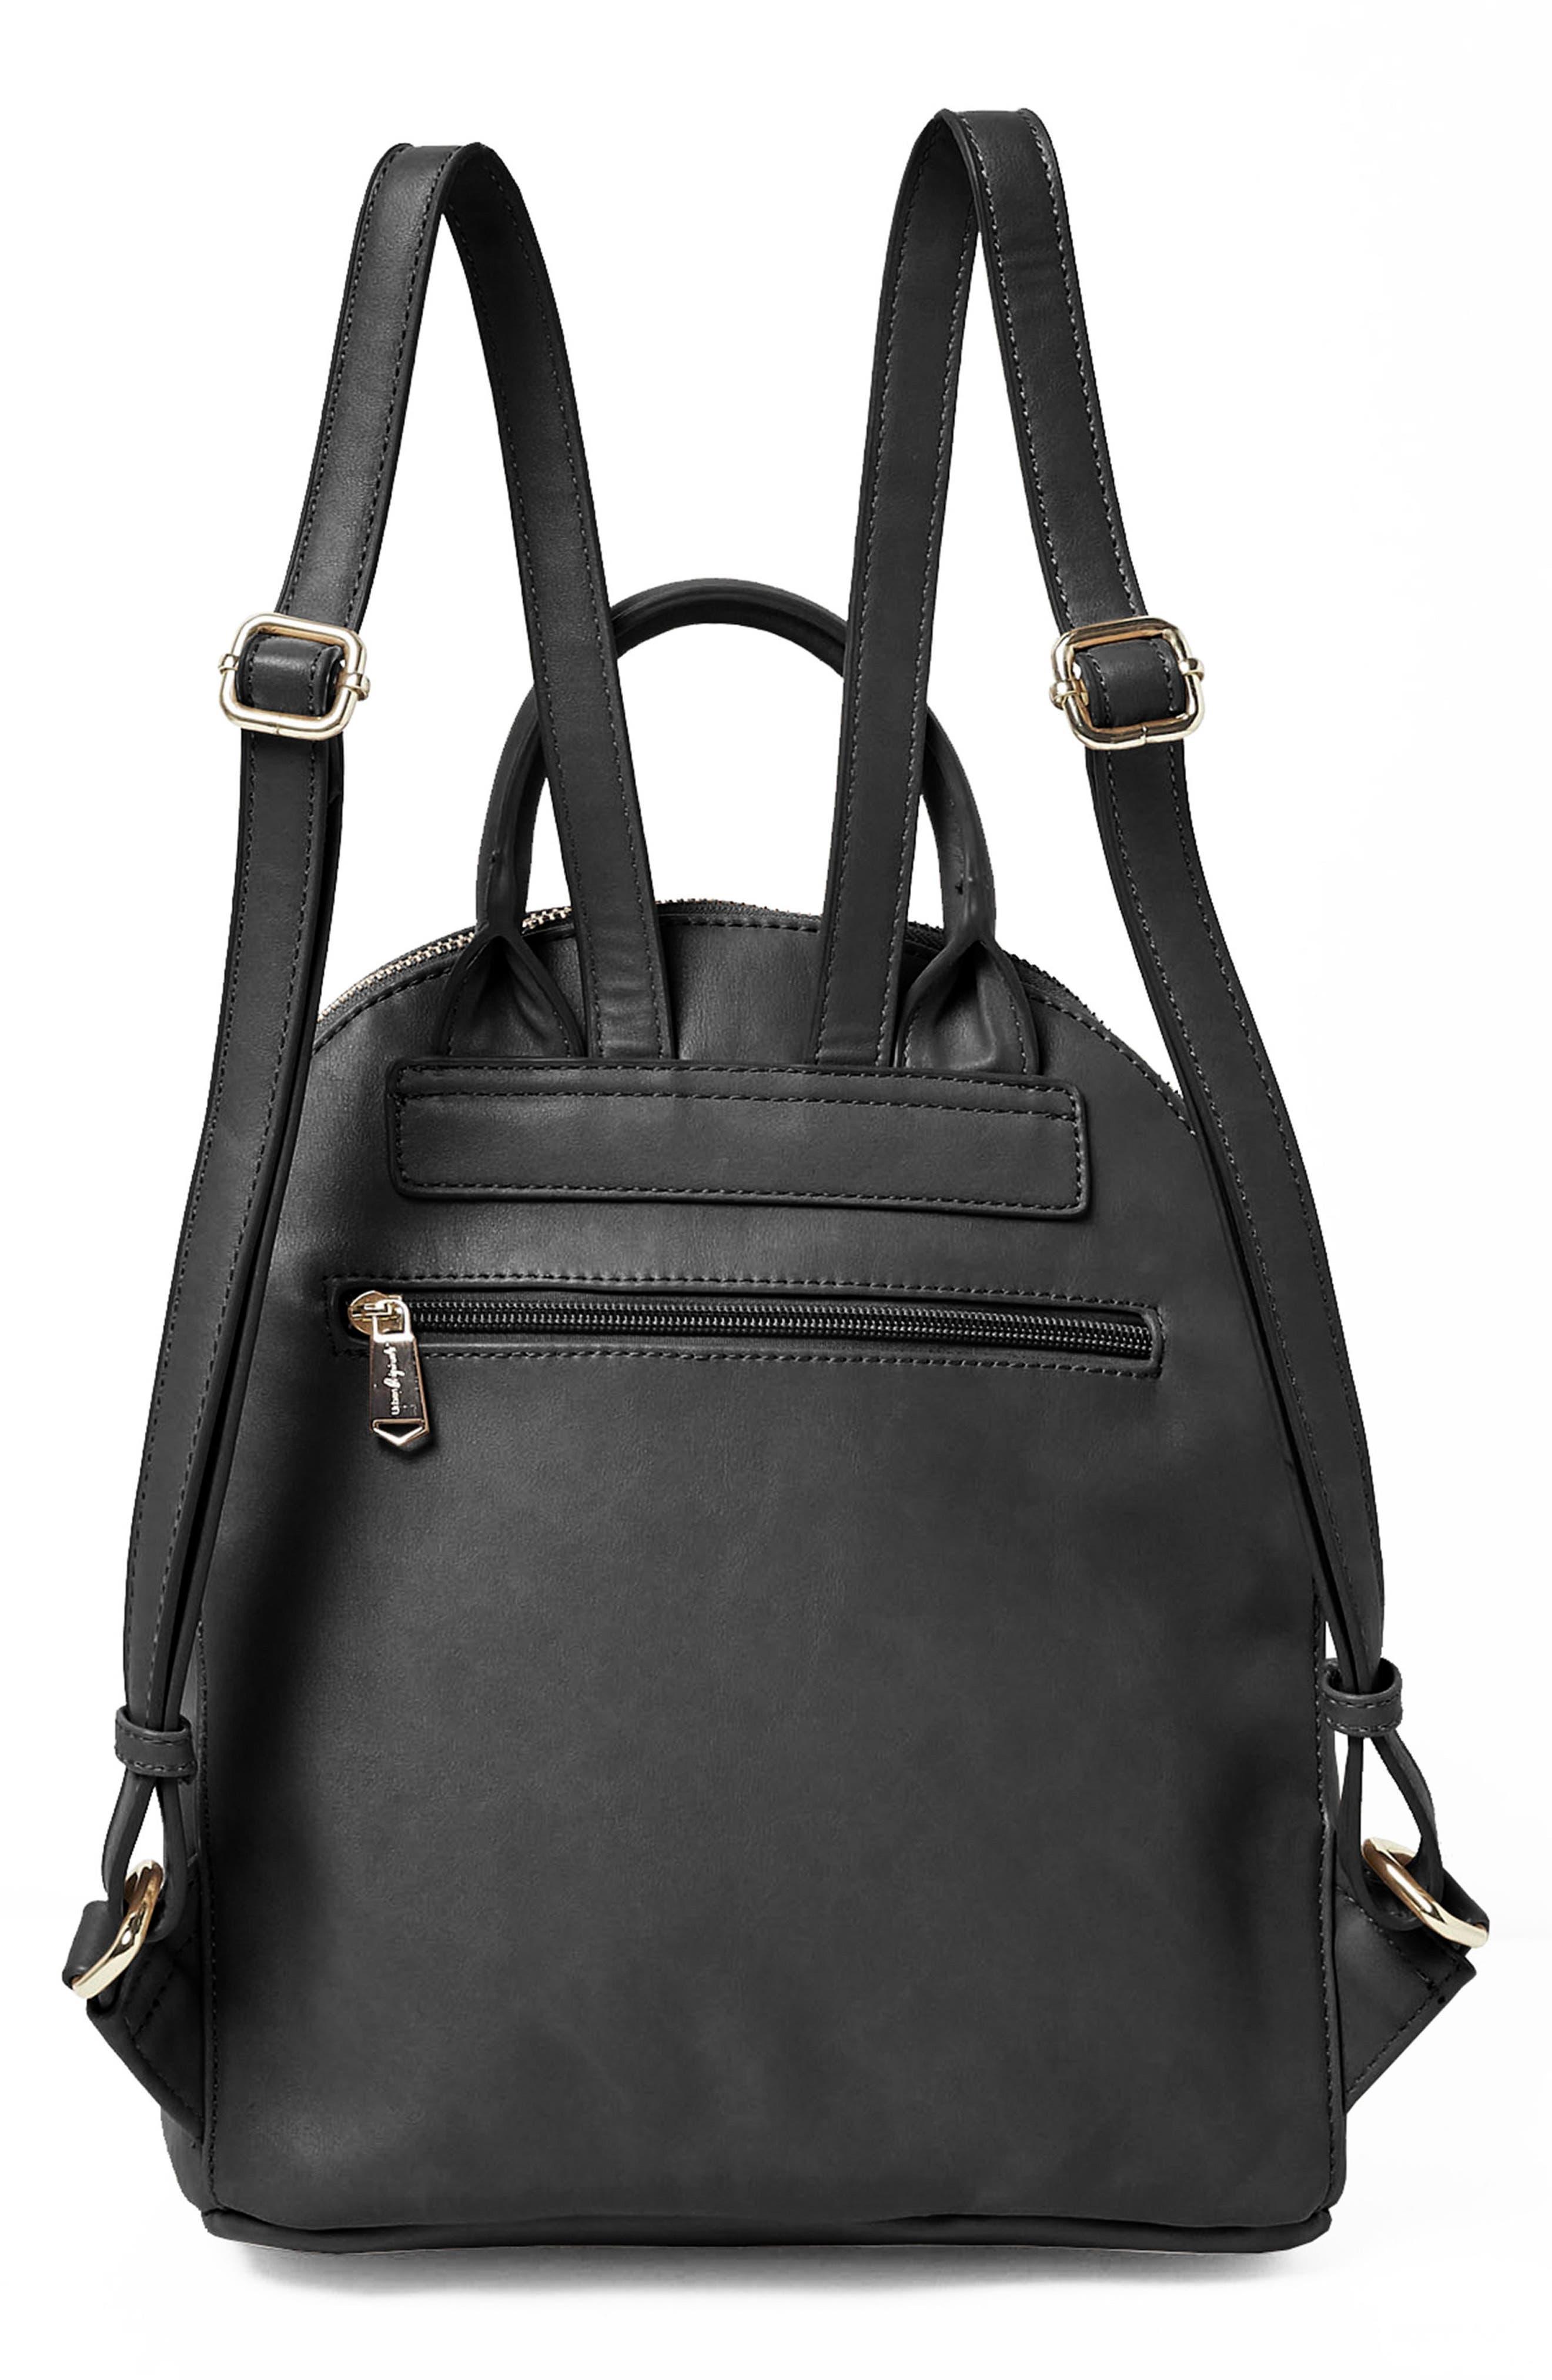 Celestial Vegan Leather Backpack,                             Alternate thumbnail 2, color,                             001